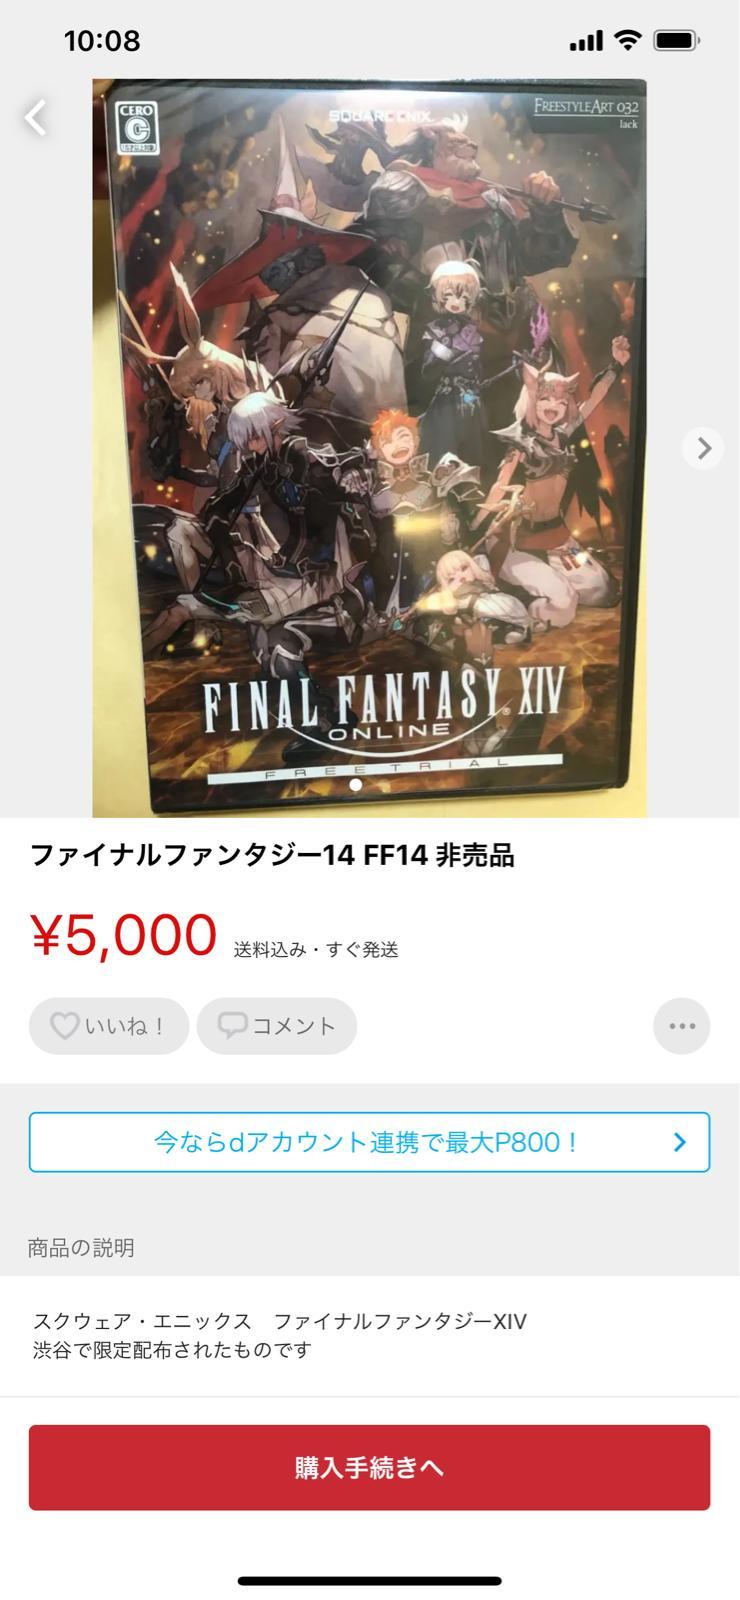 3mDrI3w - 特別パッケージの『ファイナルファンタジーXIV』が渋谷駅地下で無料配布されてるぞー! いそげー